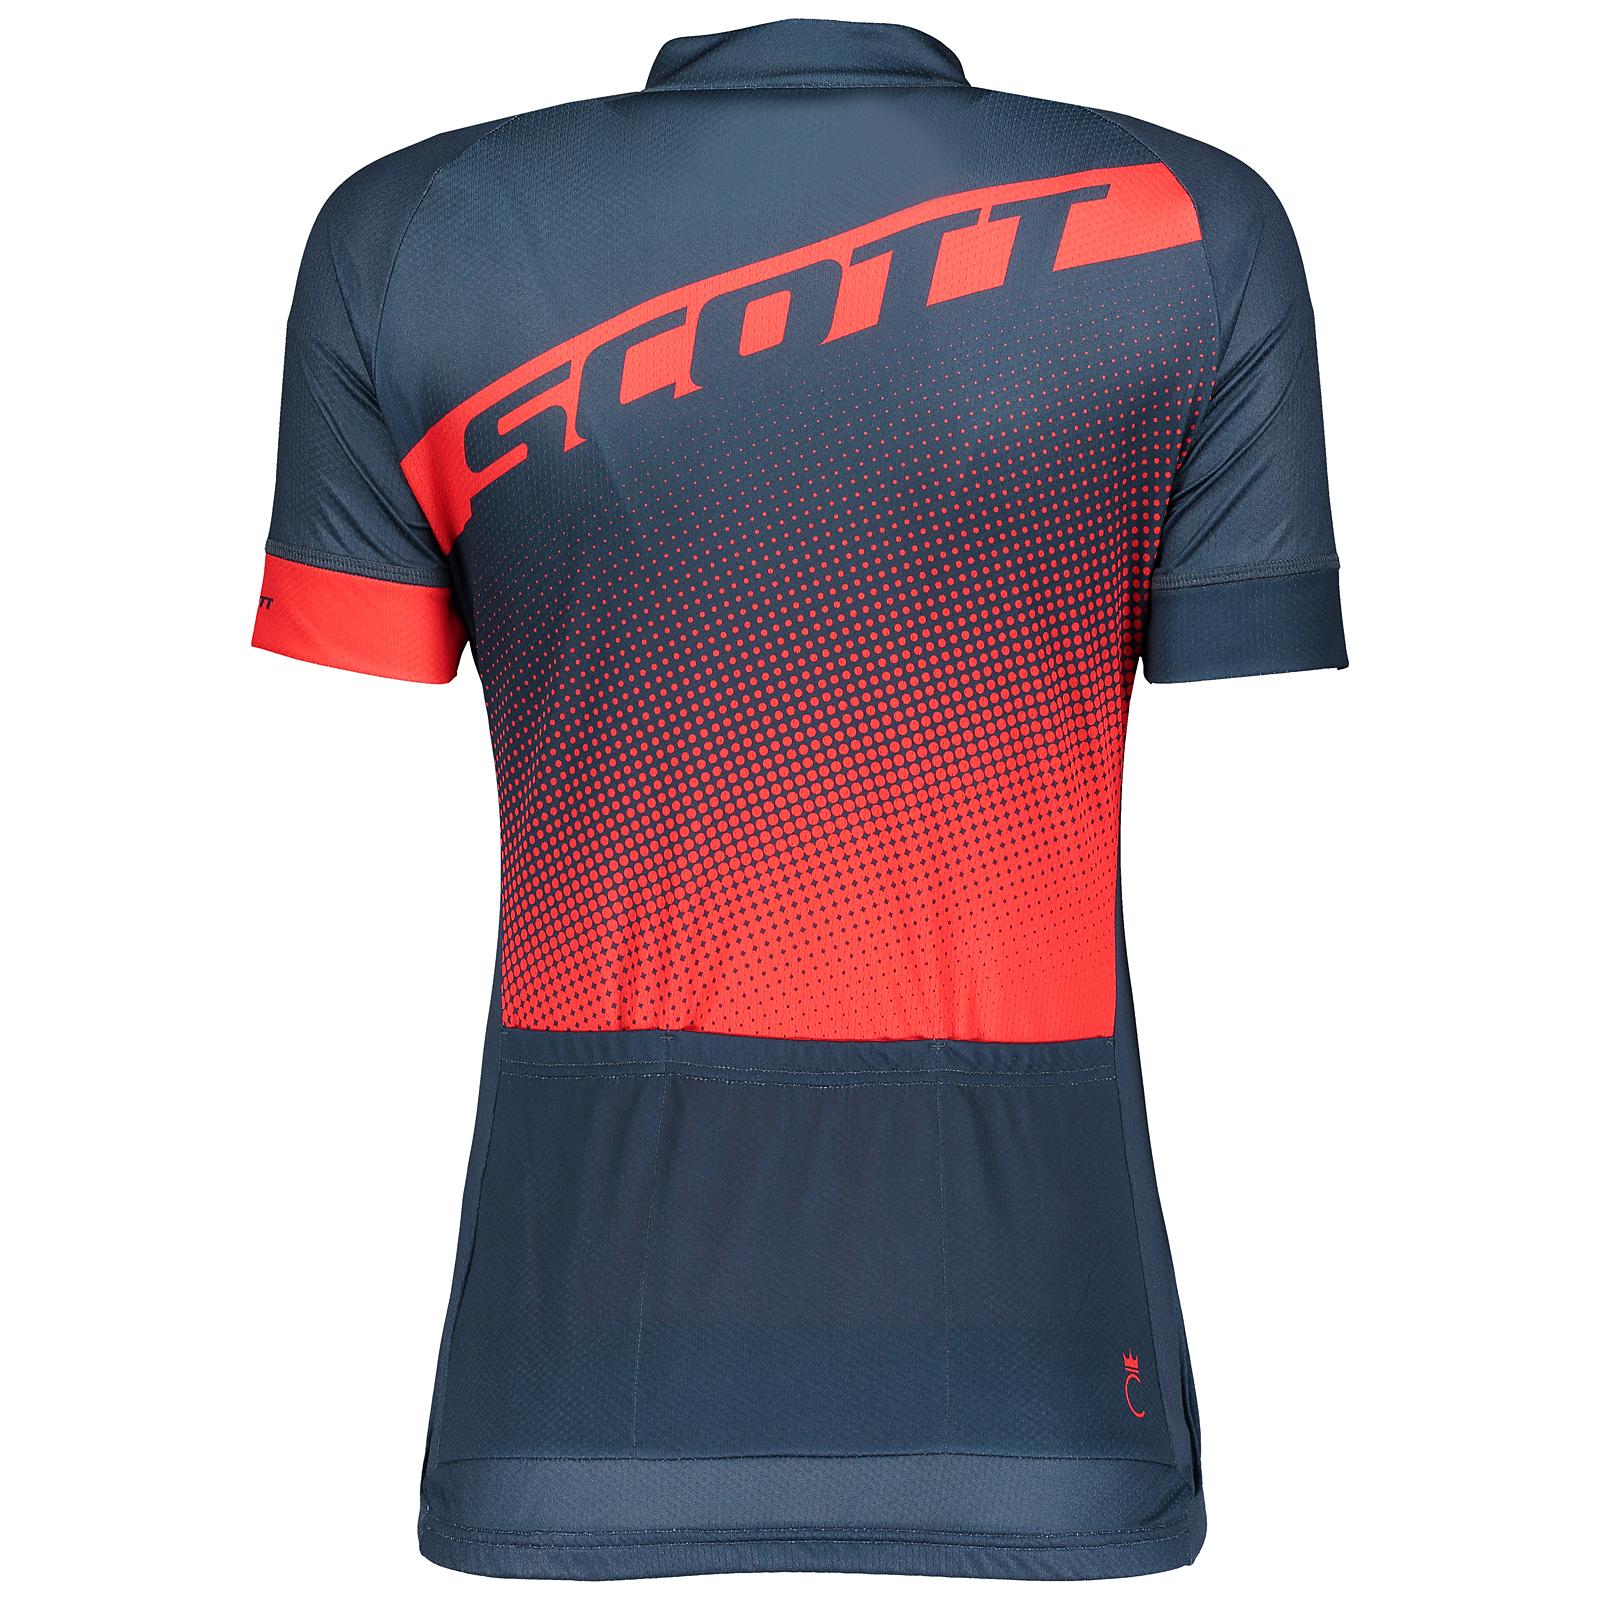 Scott Trail 30 Damen Fahrrad Trikot kurz rot//blau 2018